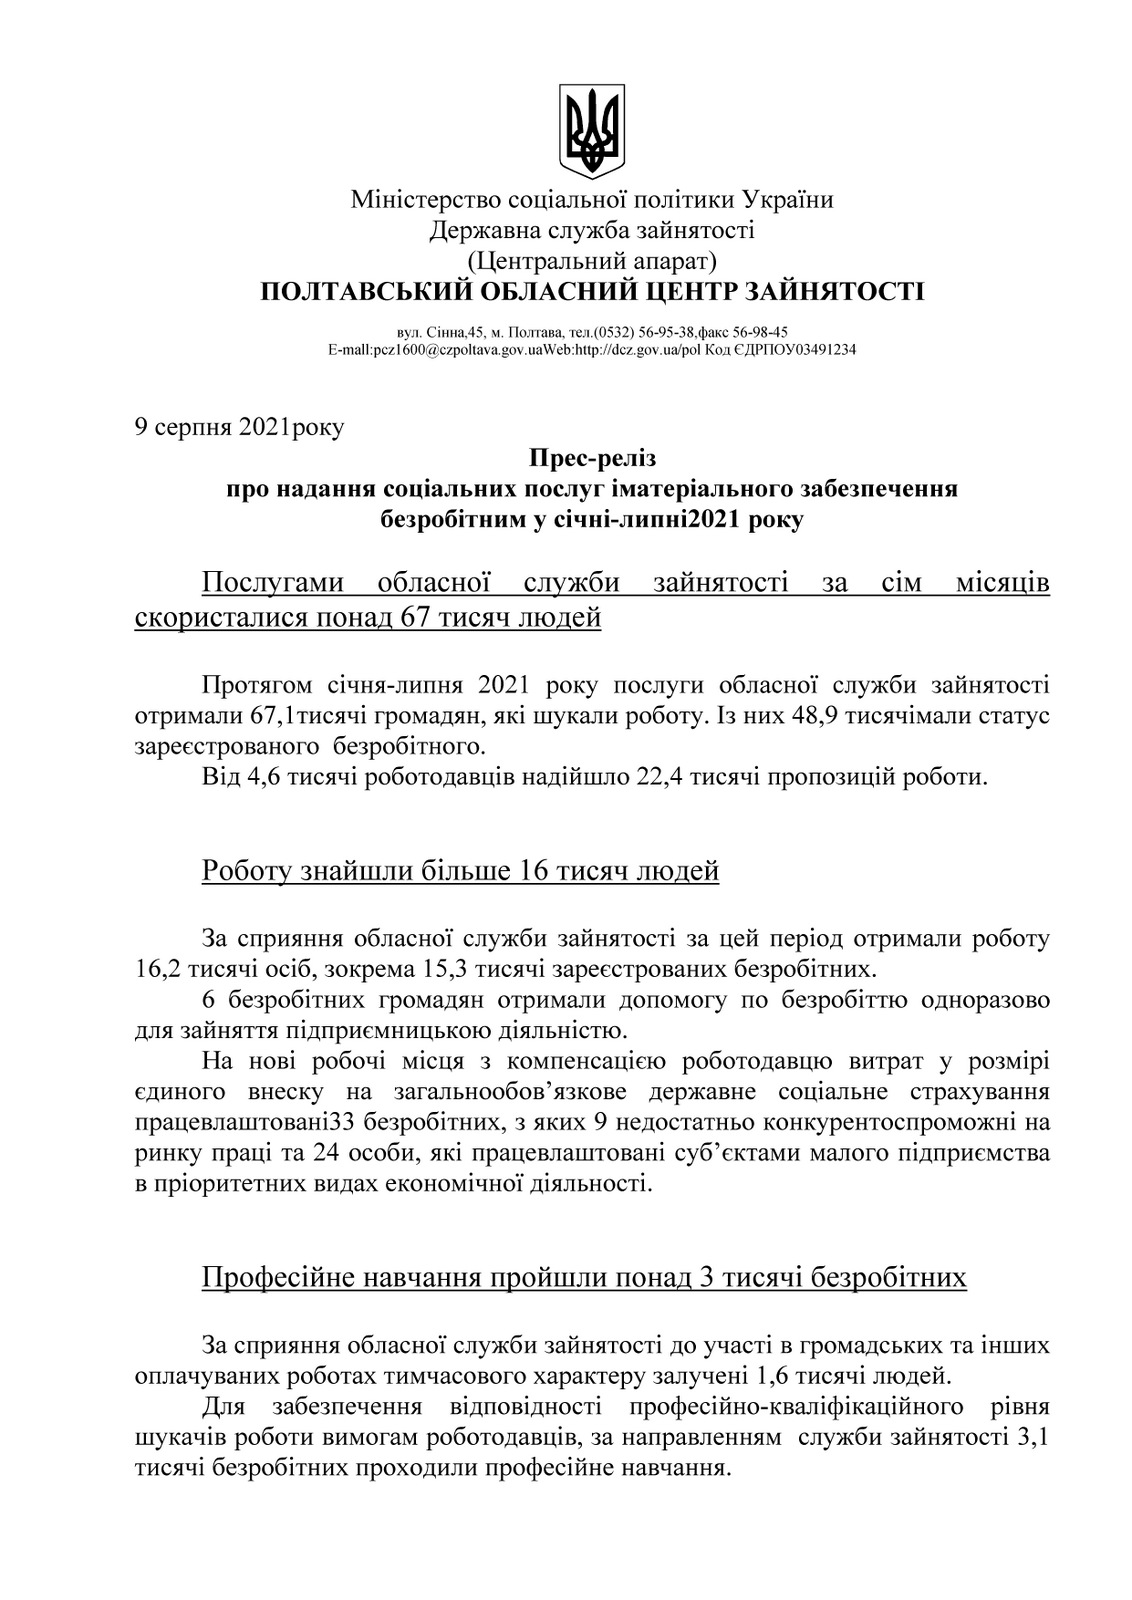 Прес-реліз січень-липень 2021 _Страница_1